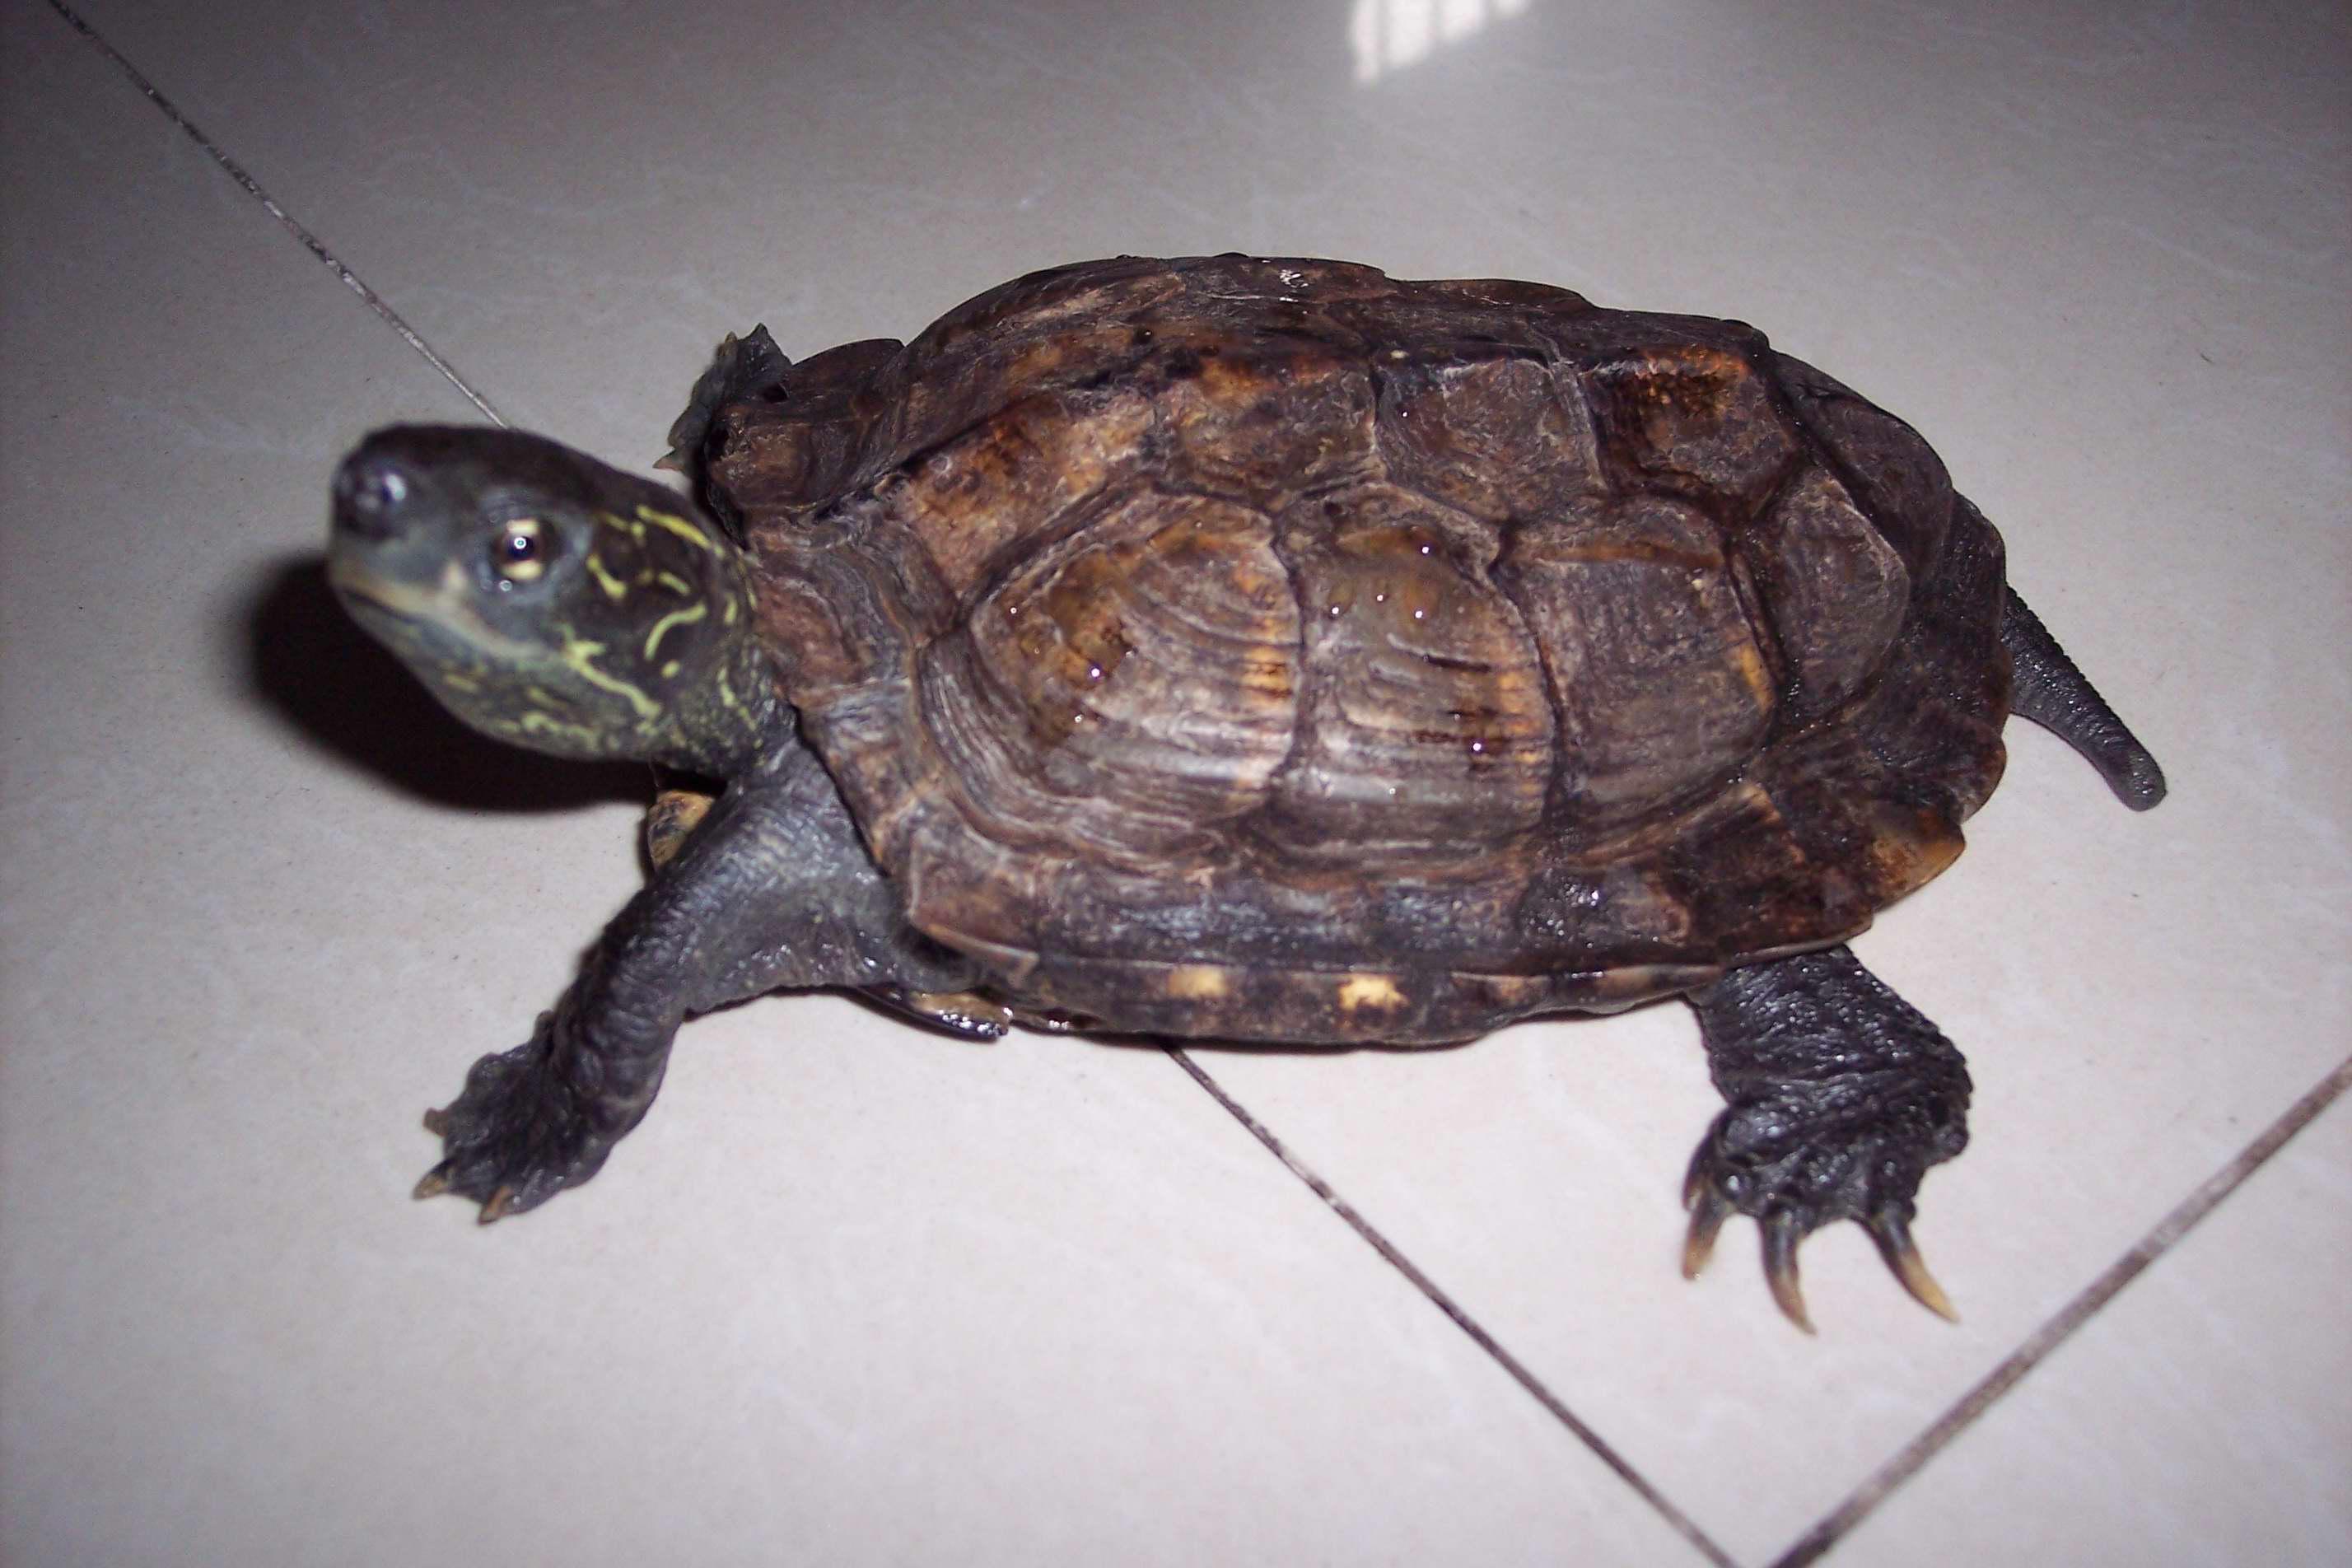 乌龟冬眠时期要吃东西和喝水吗